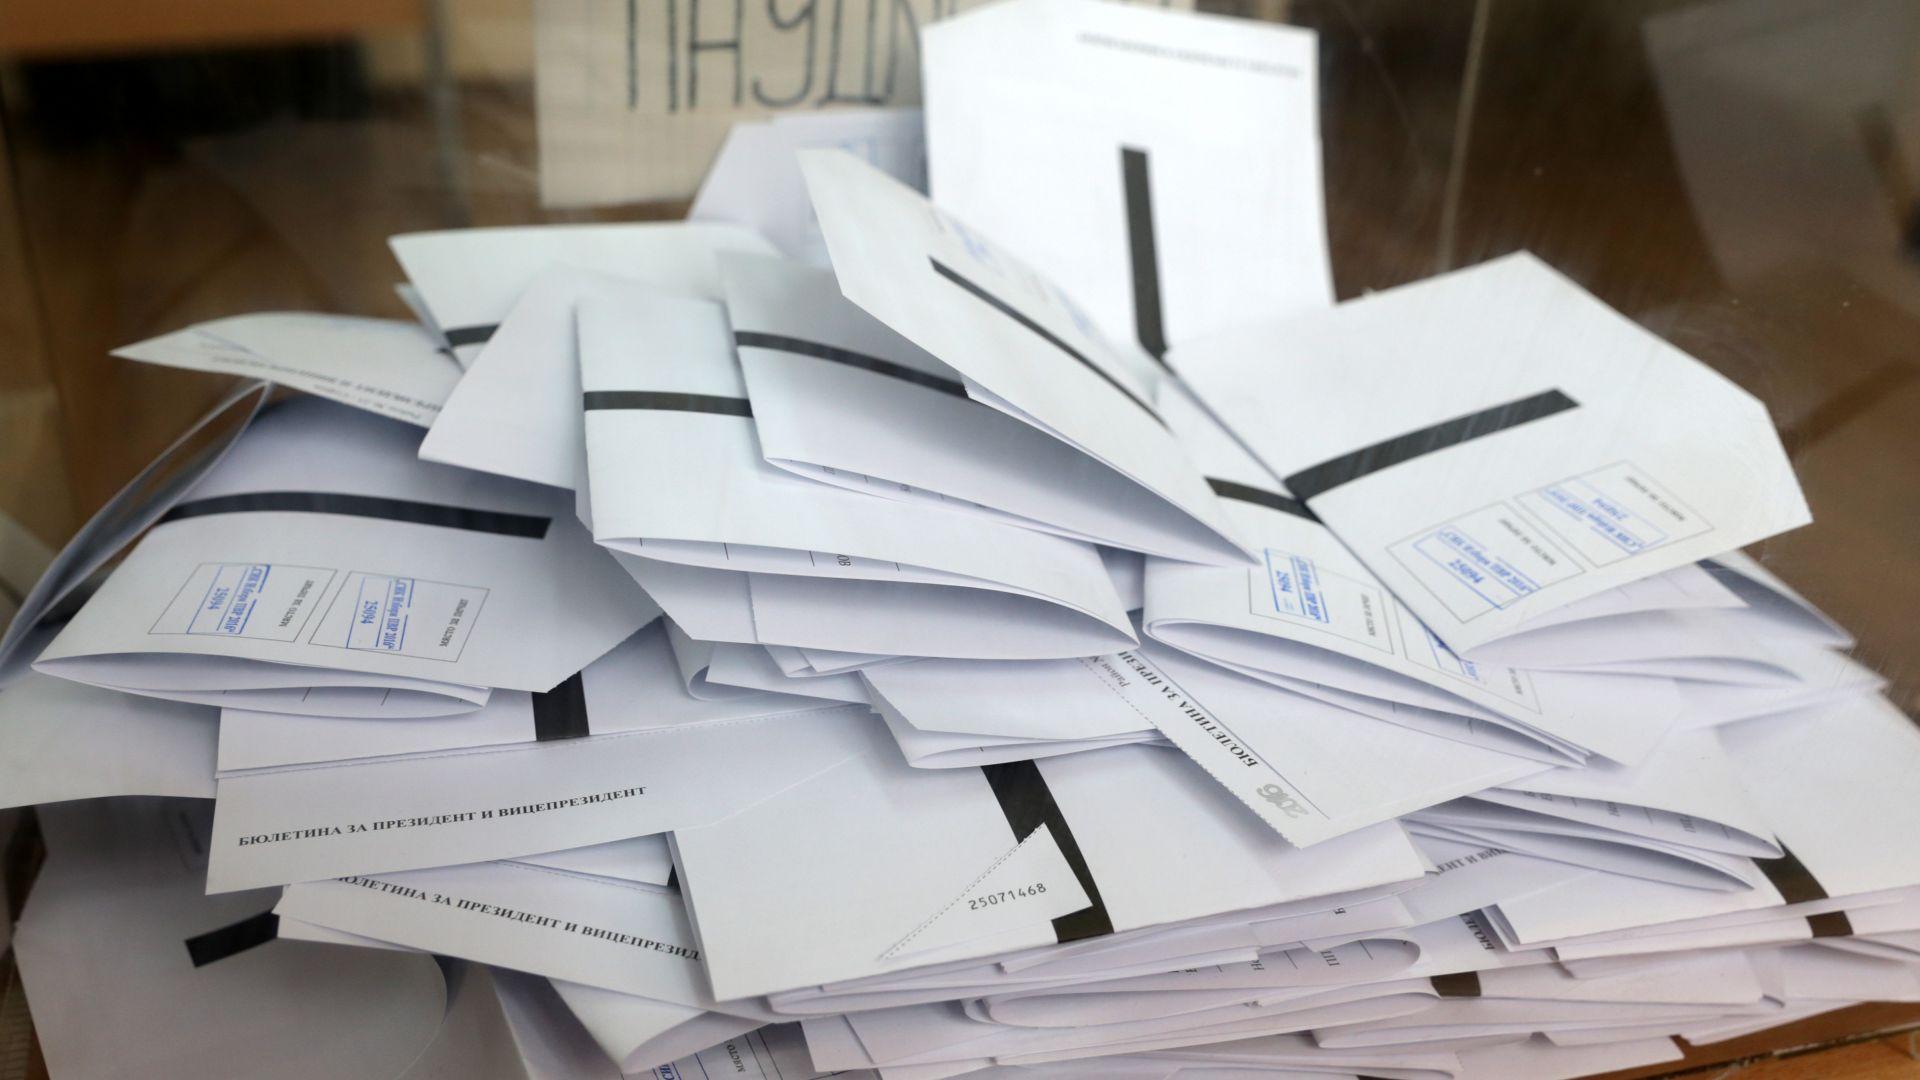 Хараламби Анчев: Притеснителна е нагласата, че изборите не са честни